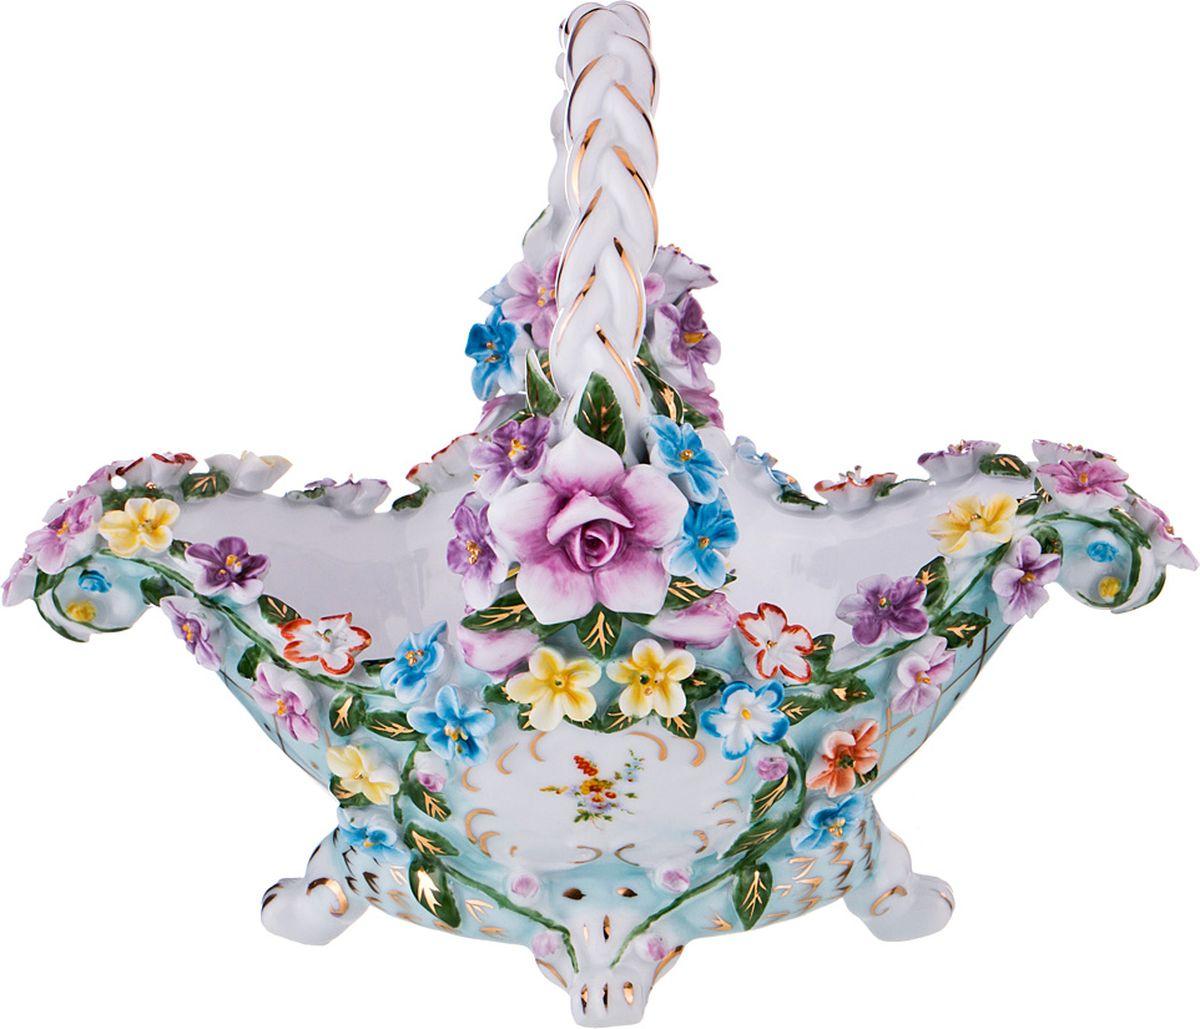 Ваза Lefard, цвет: разноцветный, высота 16 см ваза nina glass грейси цвет оранжевый высота 19 см